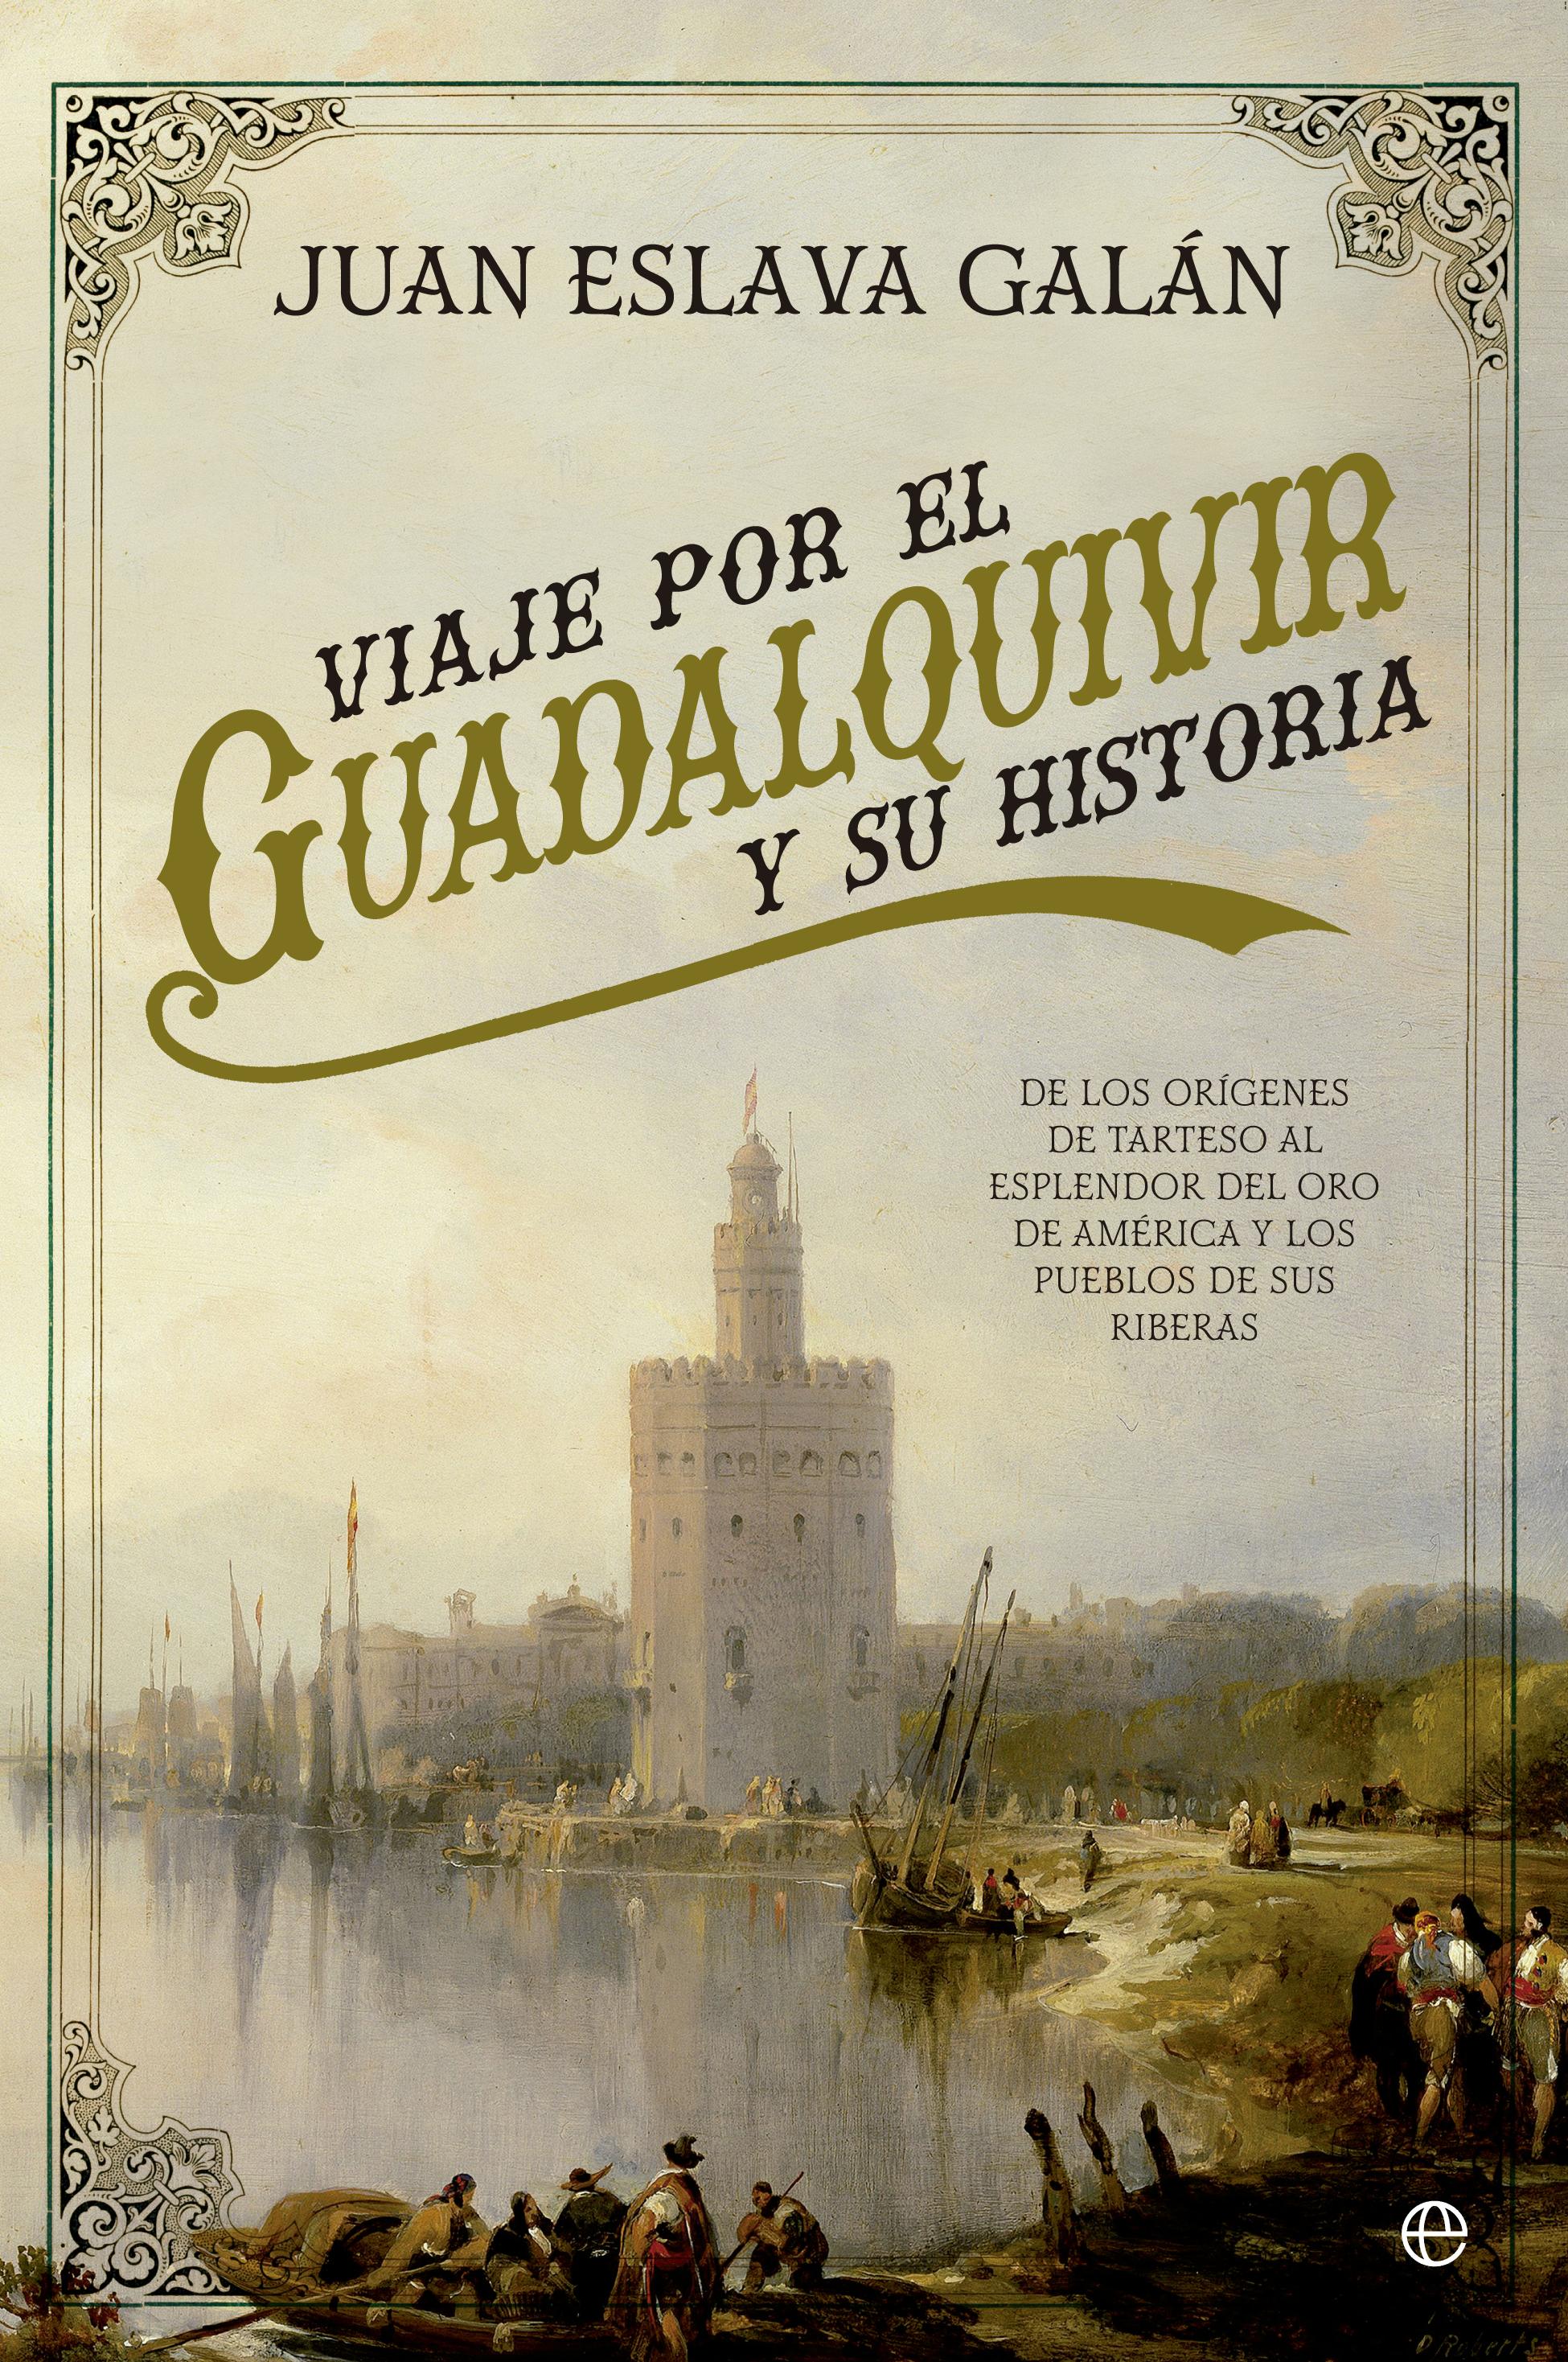 Viaje por el Guadalquivir